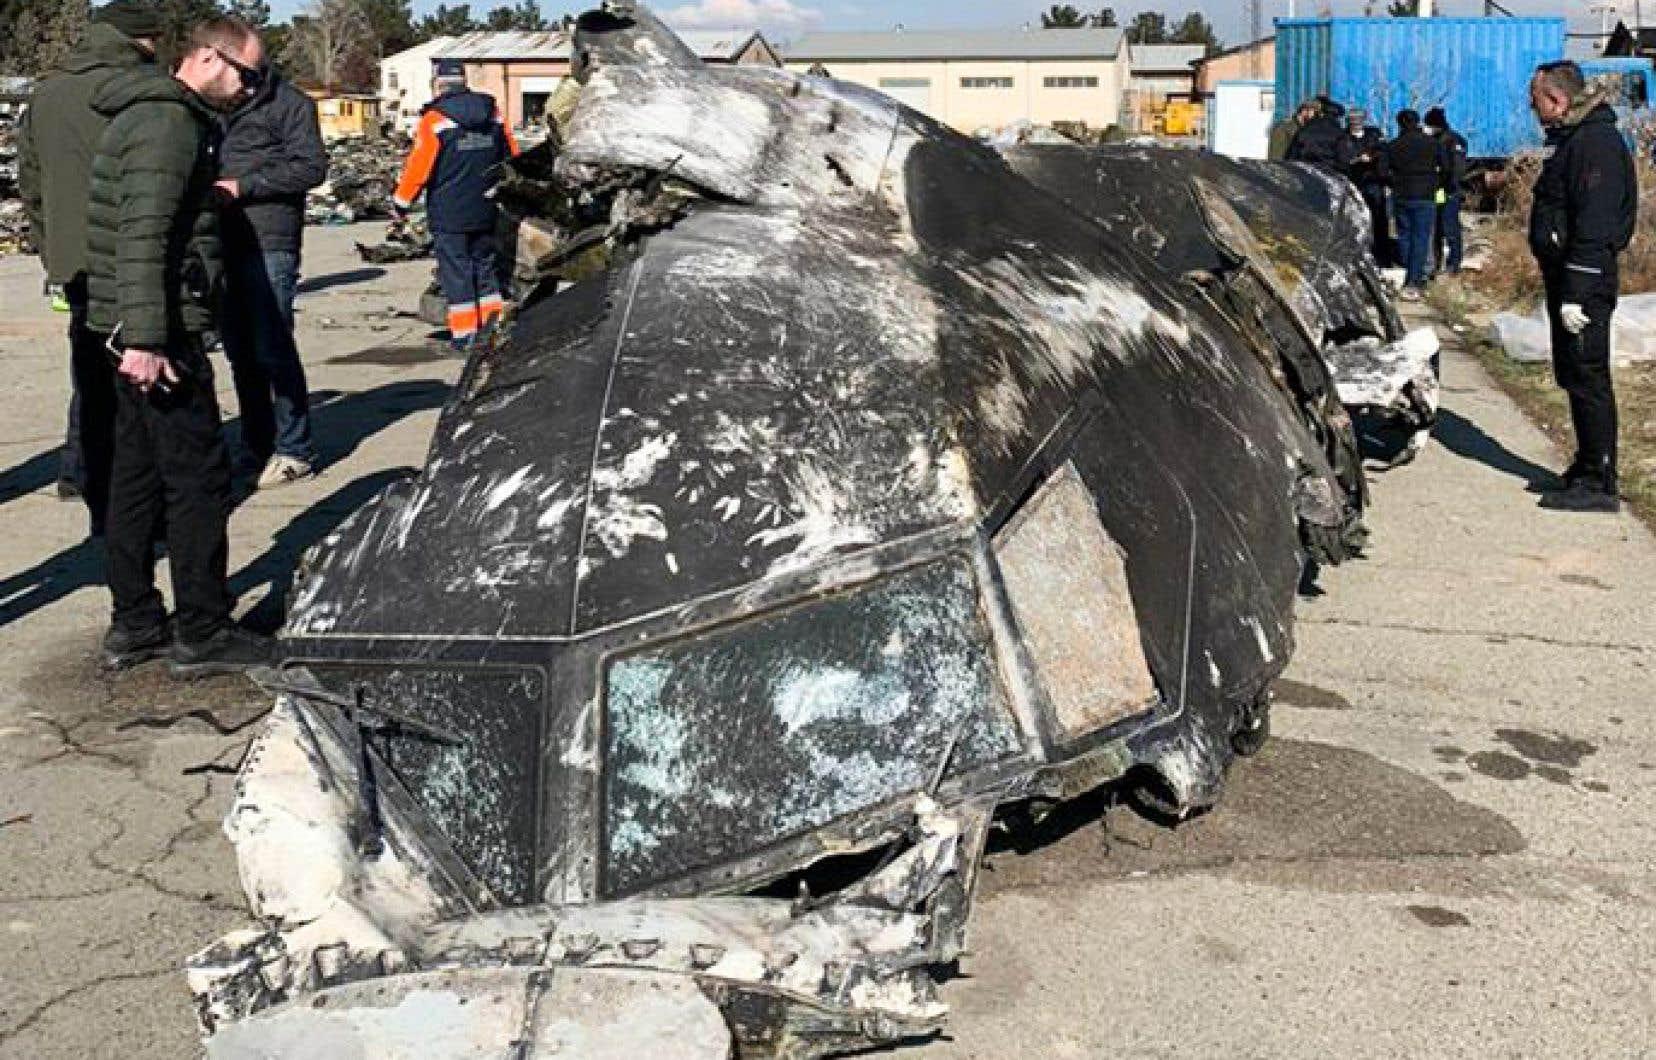 Avion abattu en Iran: une erreur de radar aurait provoqué le drame